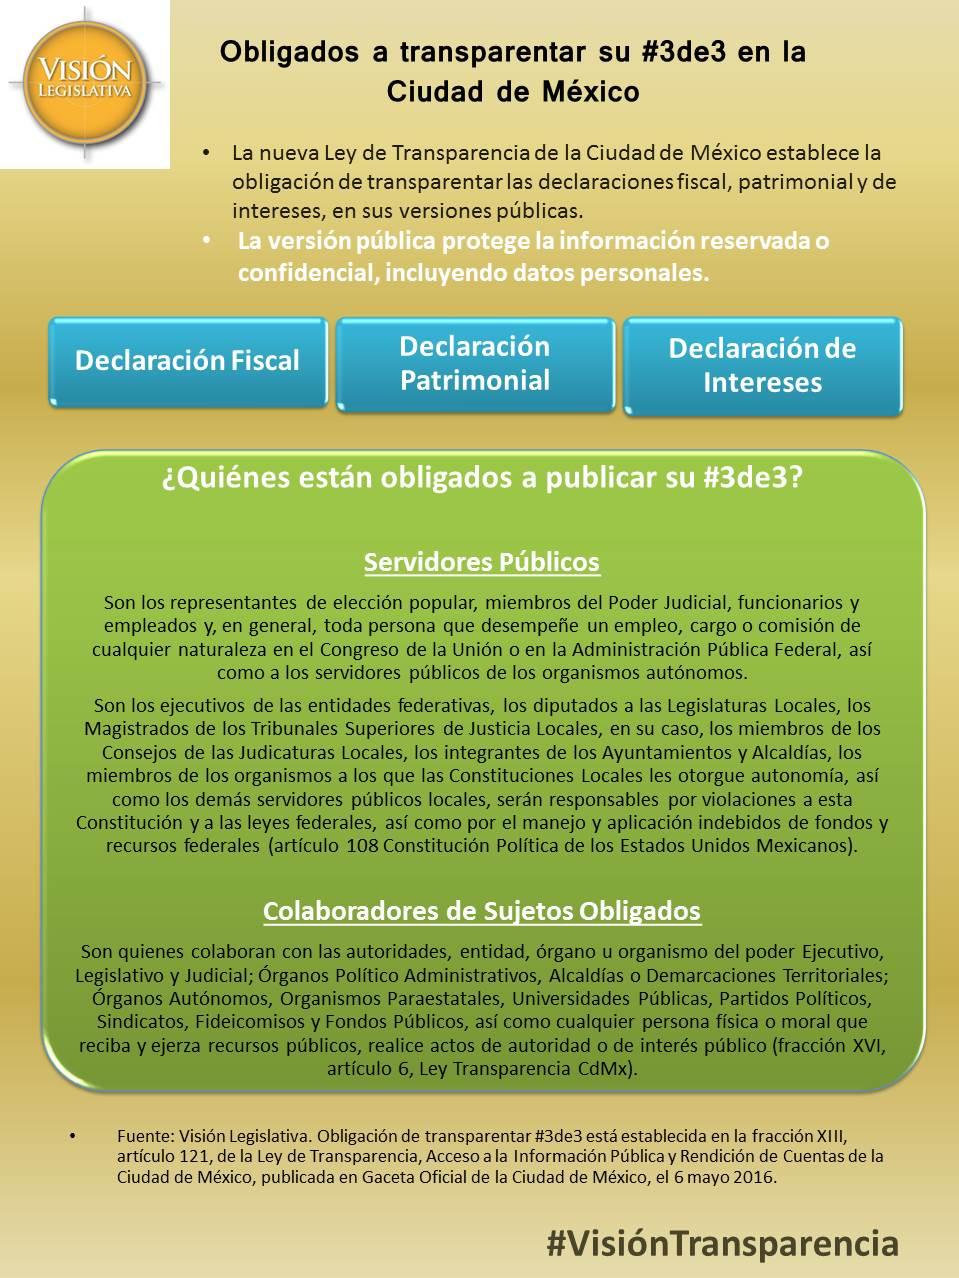 Obligados a transparentar 3 de 3 en Ciudad de México, 2jun16